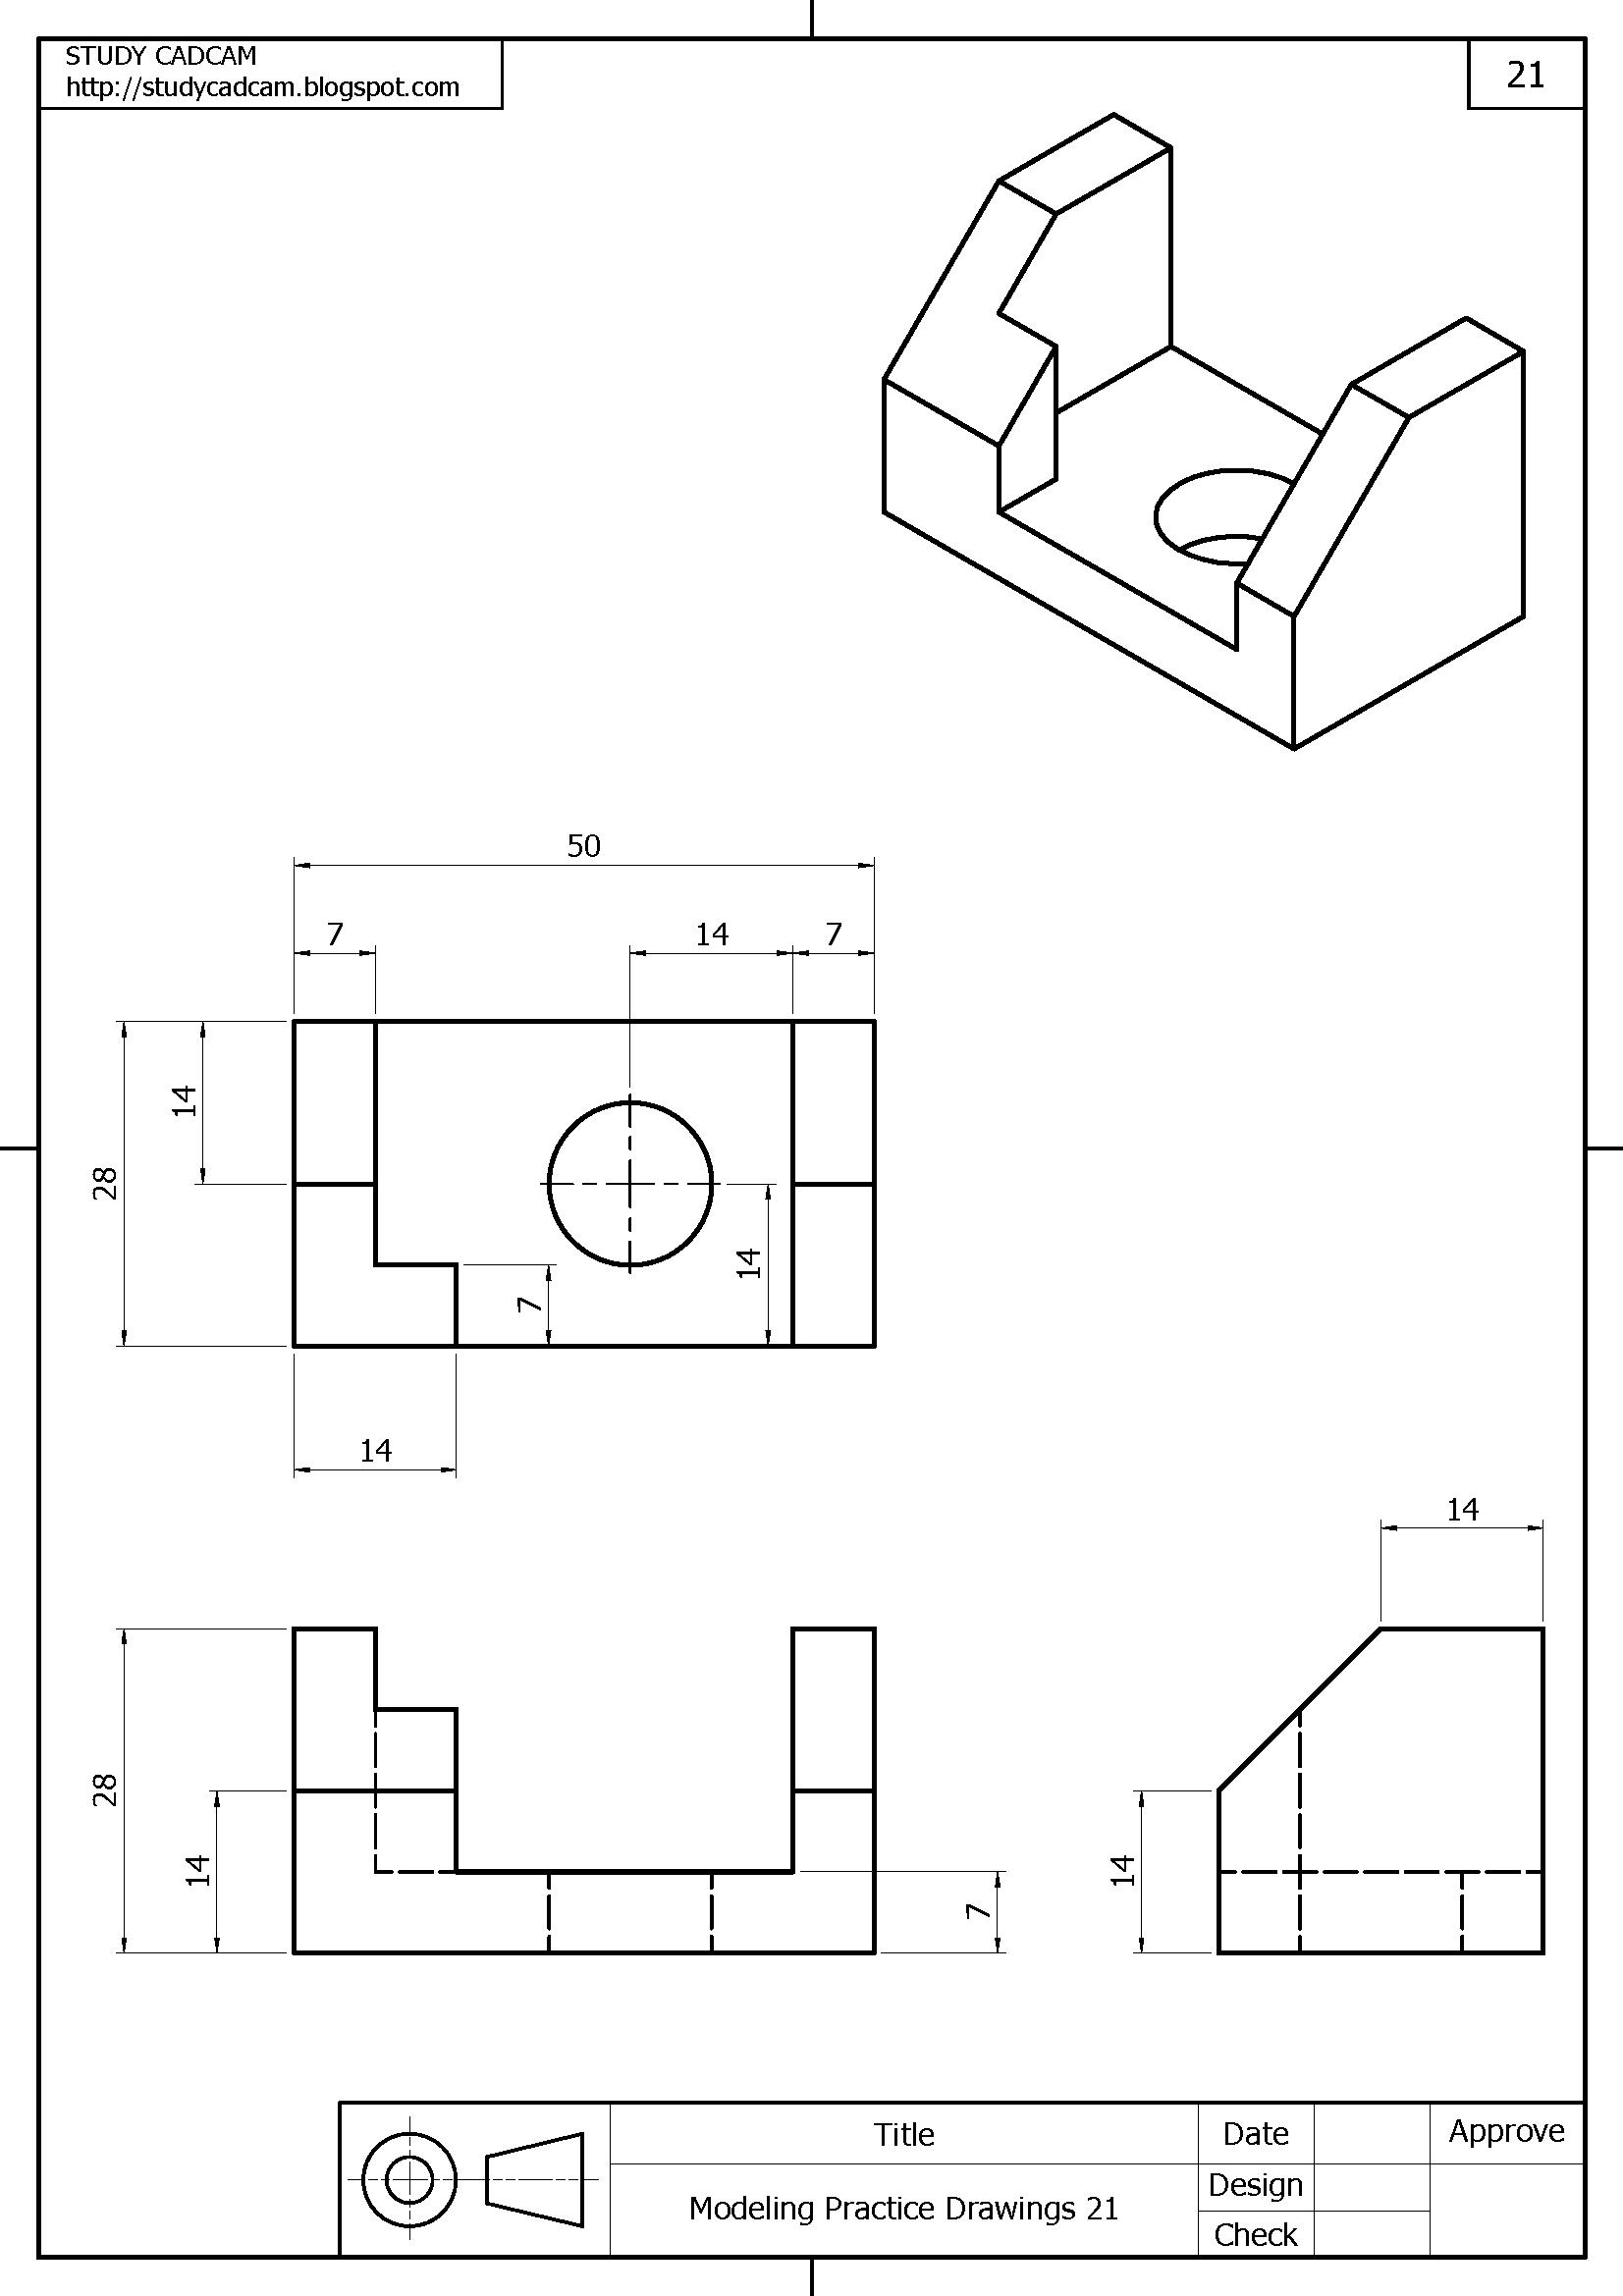 Solidos Tecnicas De Dibujo Dibujo Tecnico Industrial Dibujo Tecnico Ejercicios